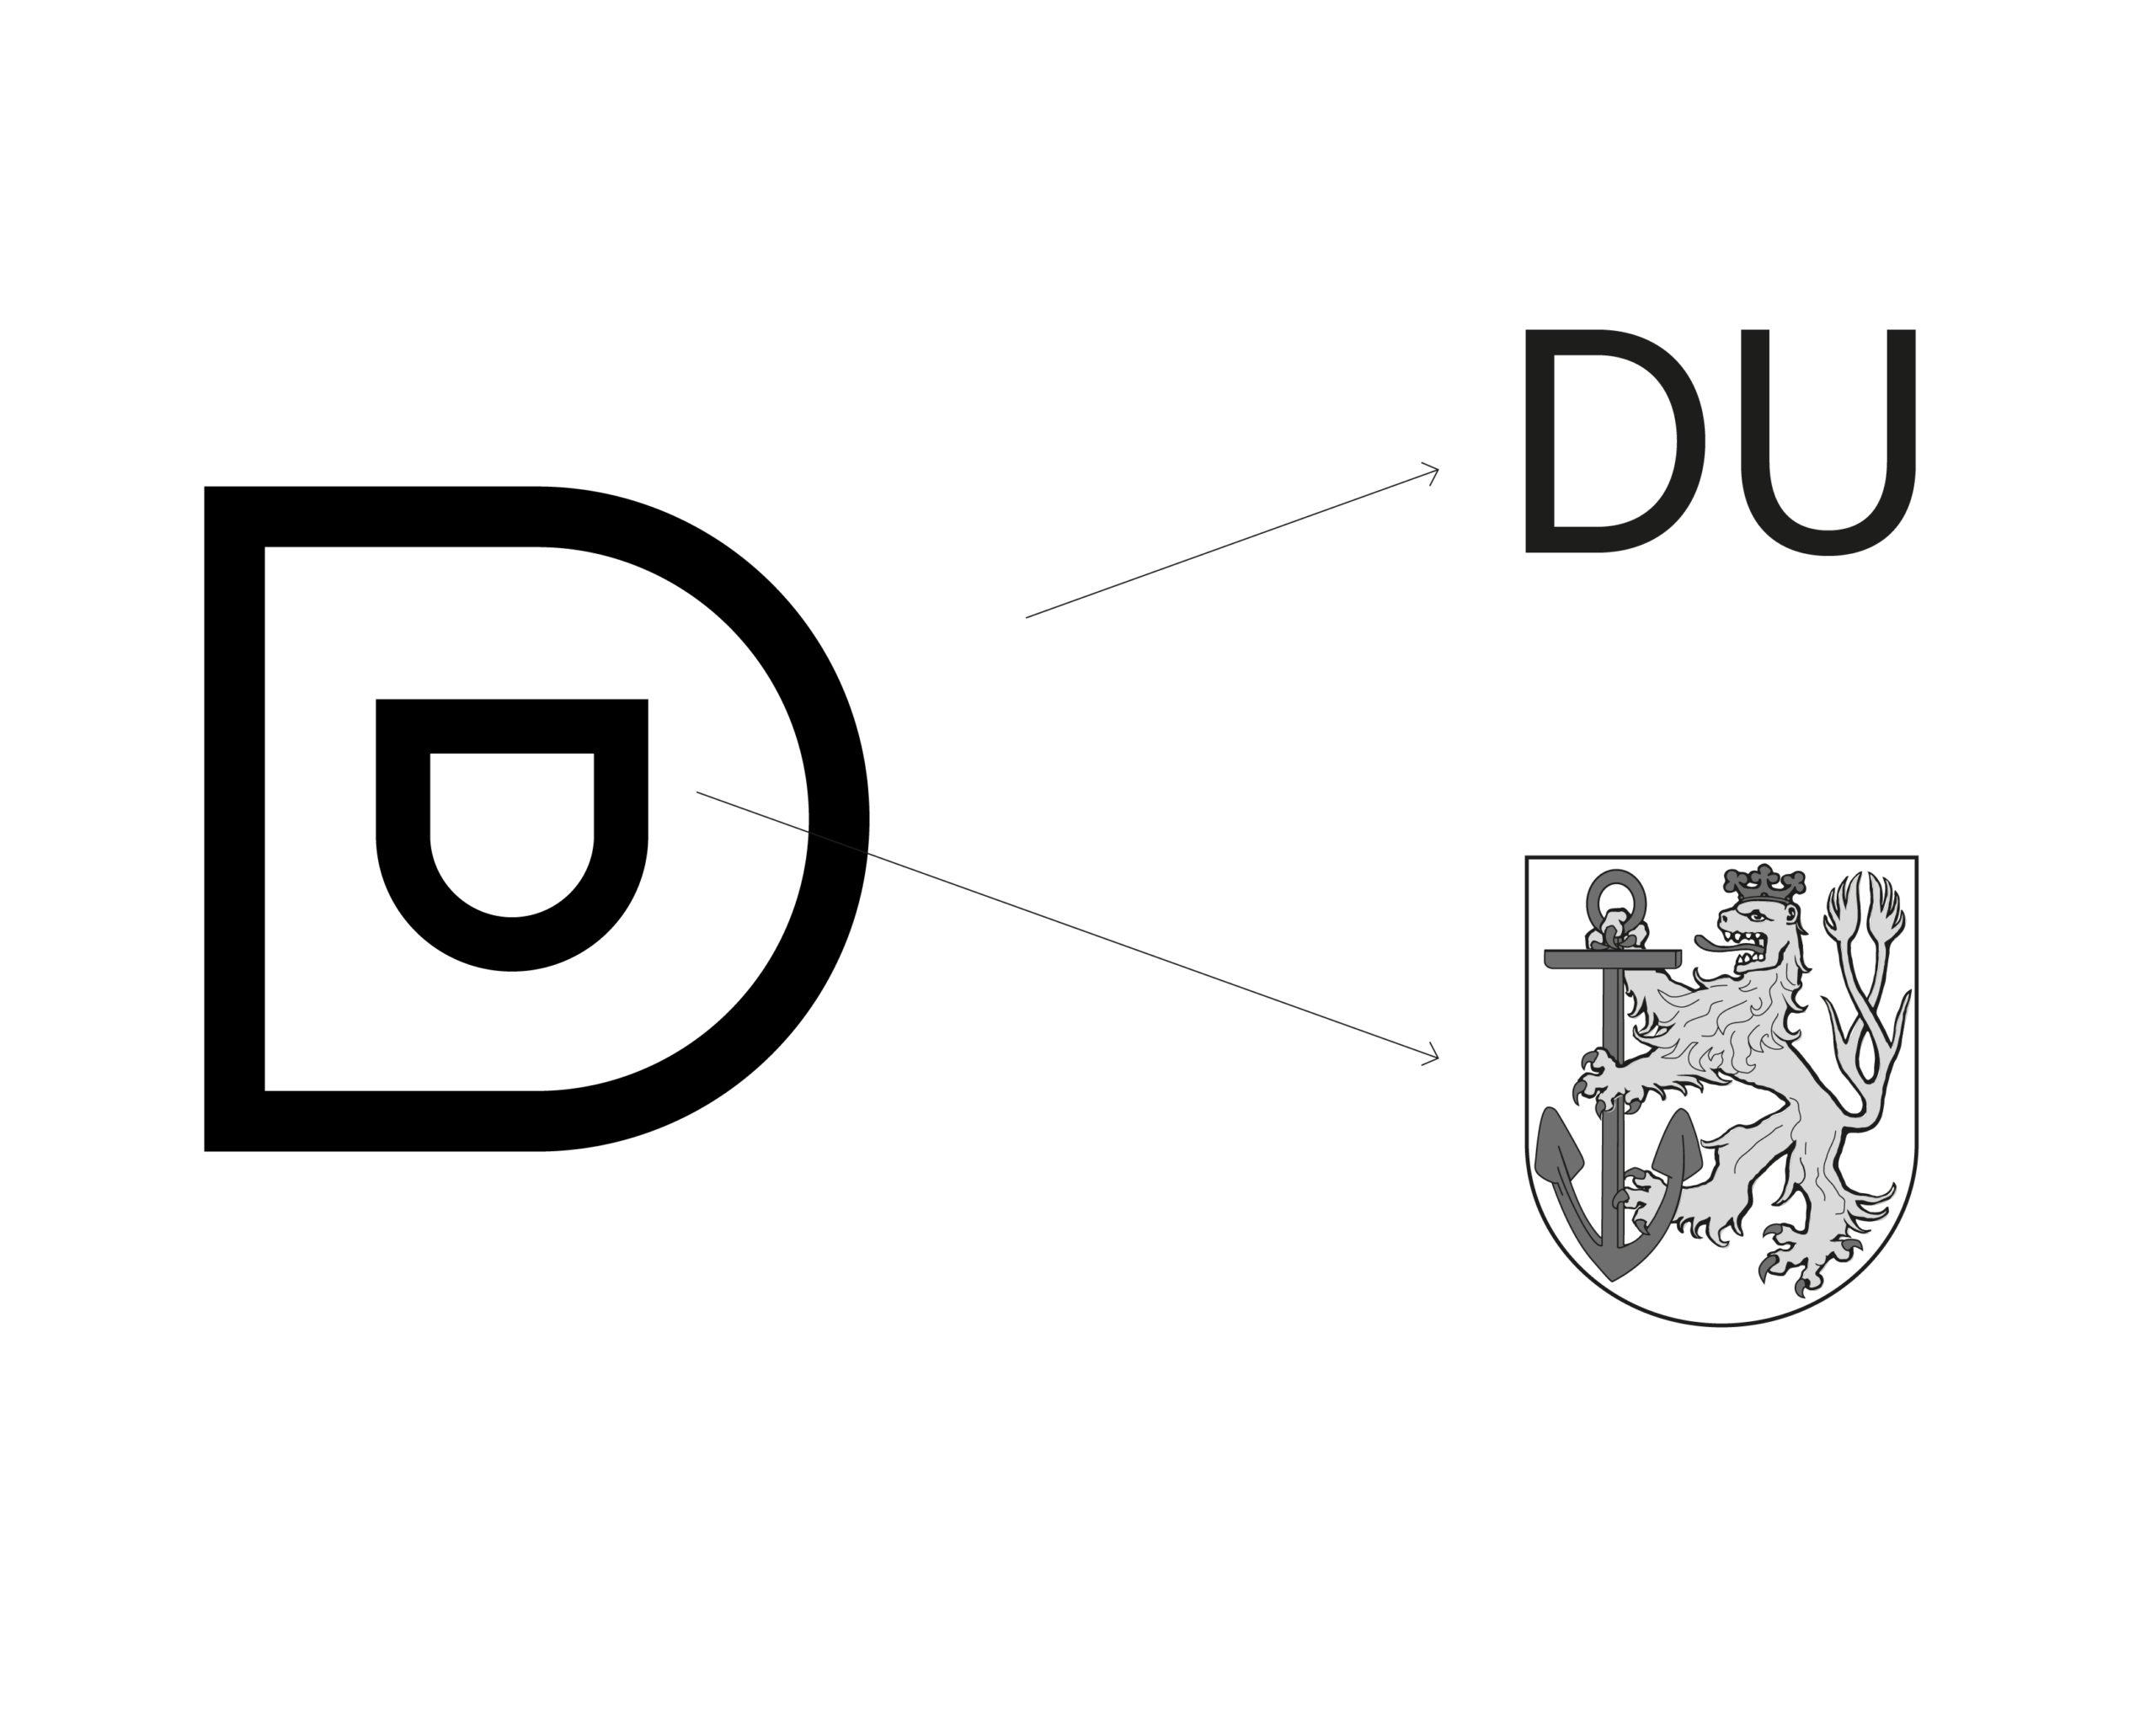 Katholische Hochschulgemeinde Düsseldorf Corporate Design Logo Herleitung